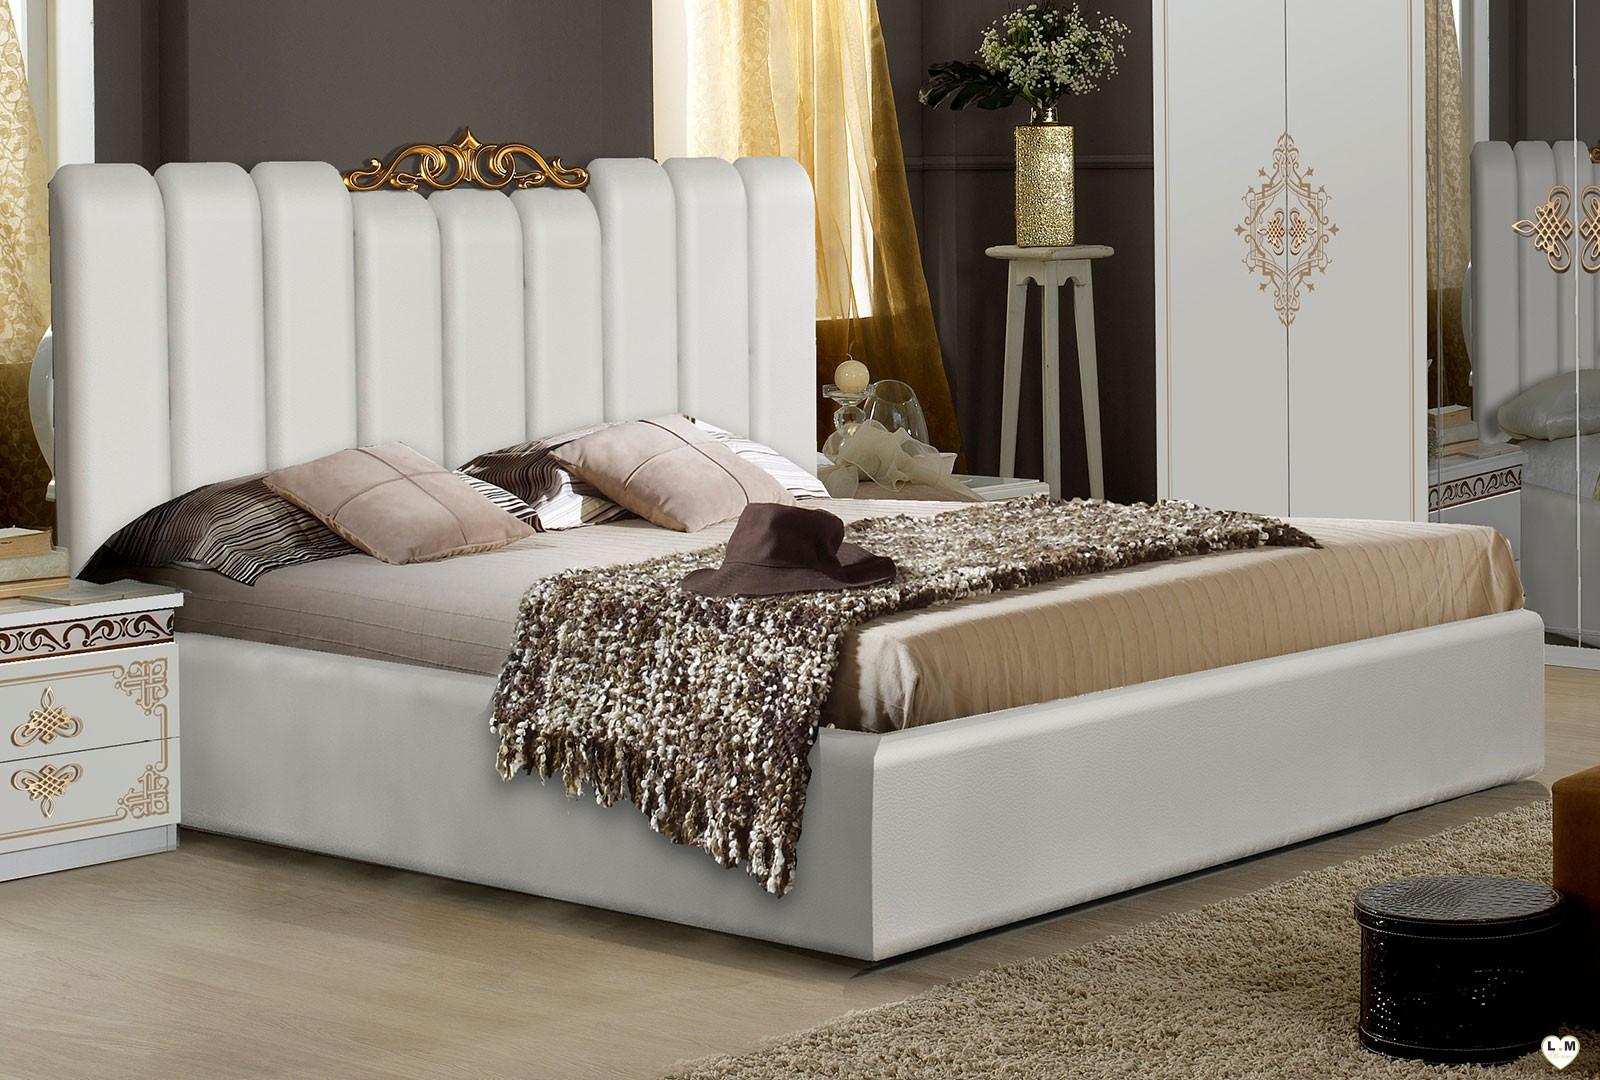 Tracy laque blanc et dore ensemble chambre a coucher for Chambre a coucher blanc